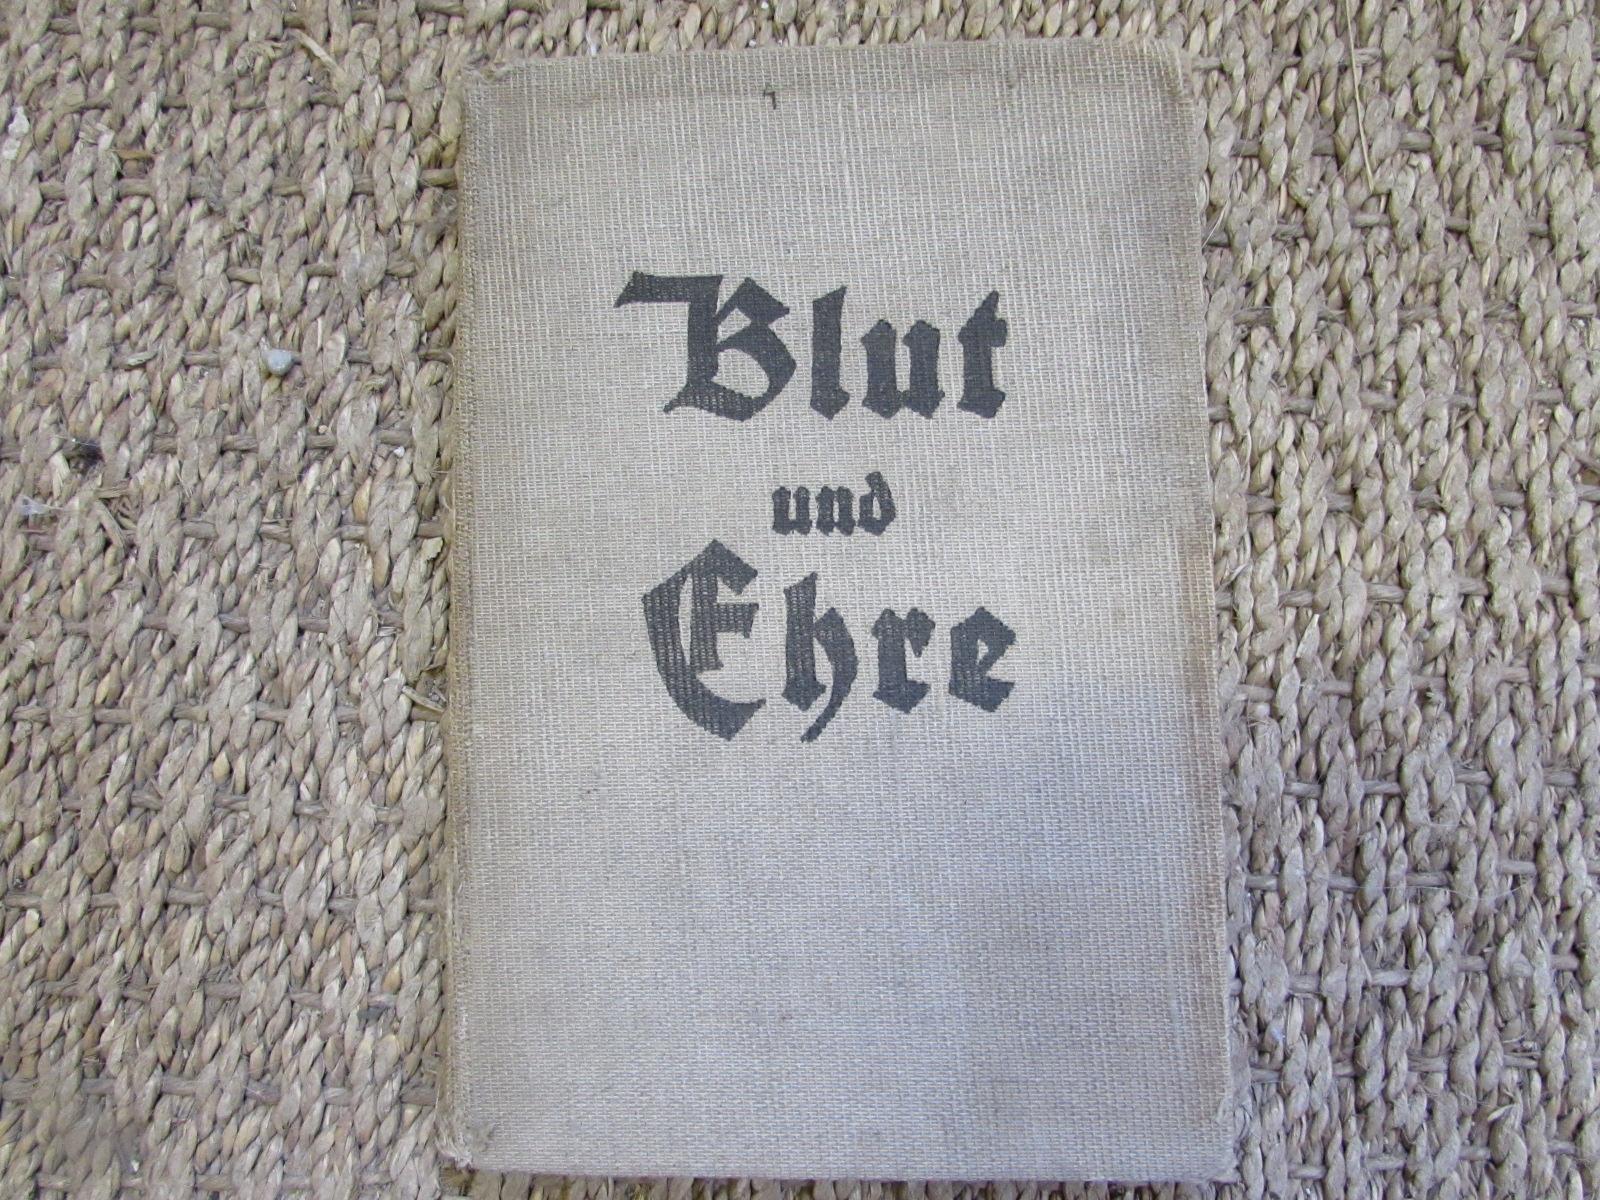 1933 Blood and honour songbook (German)